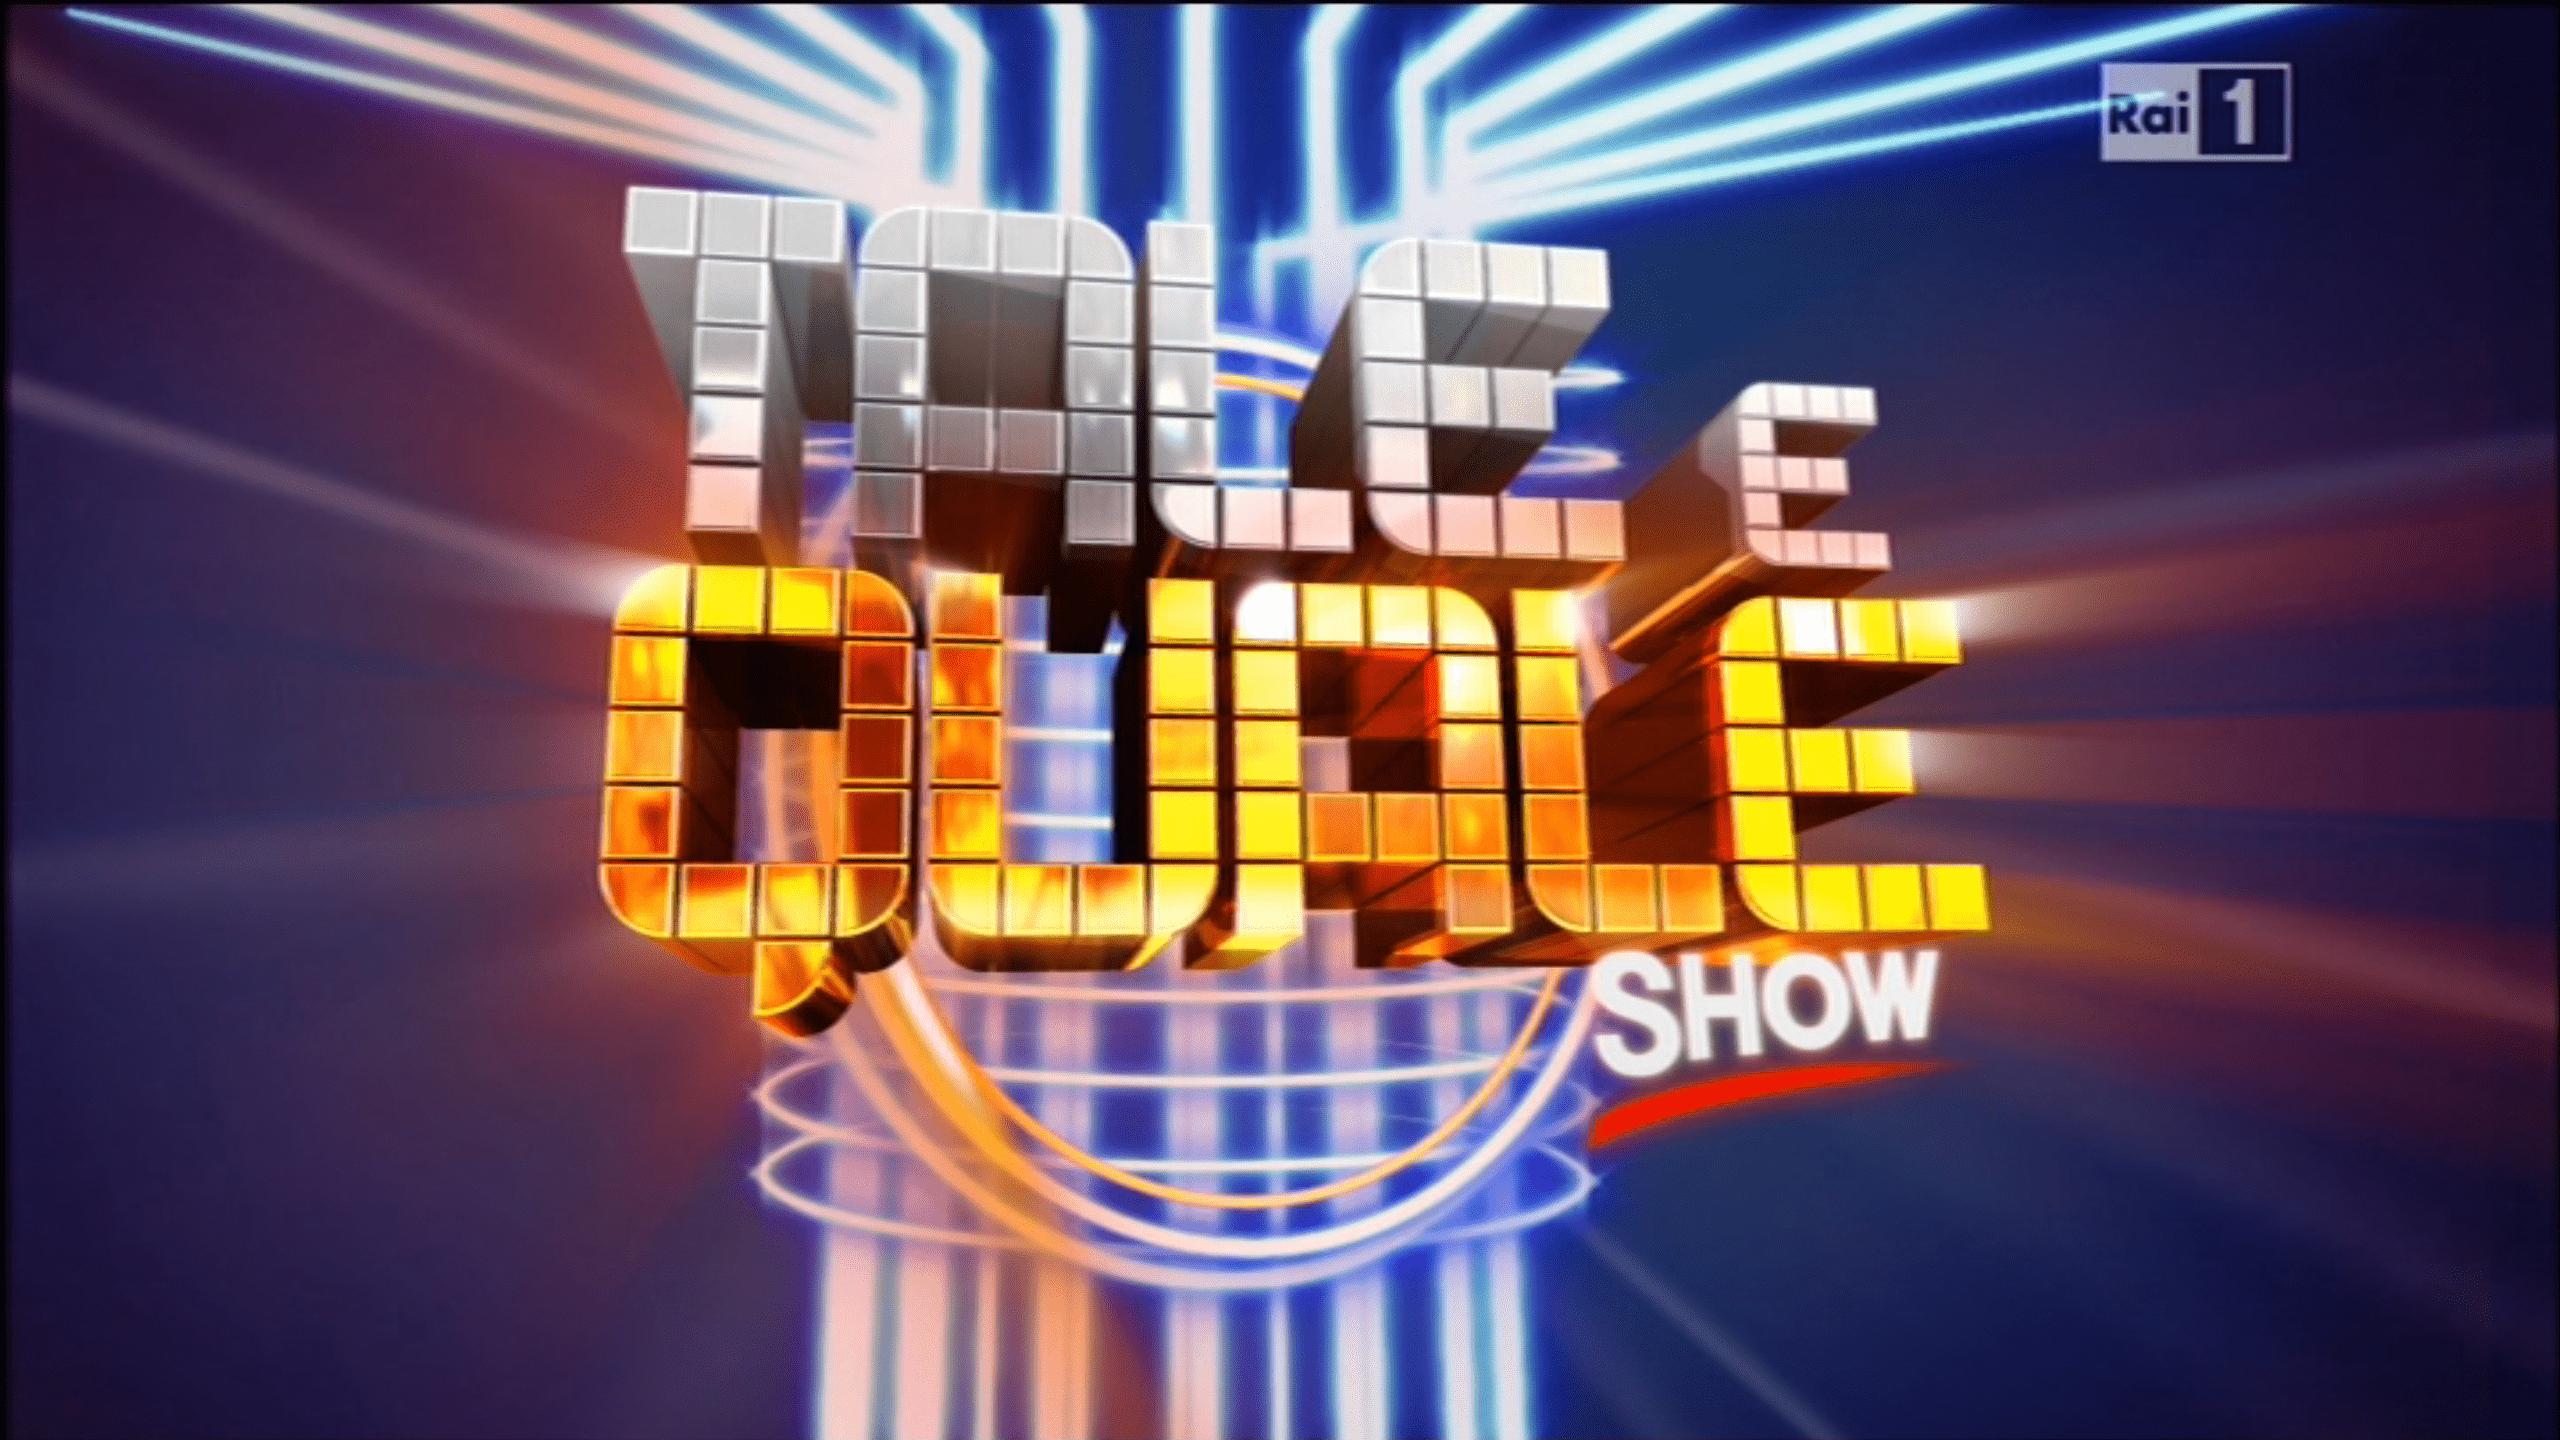 Tale e quale show 2014: il cast, la giuria e le anticipazioni del talent show di Rai 1